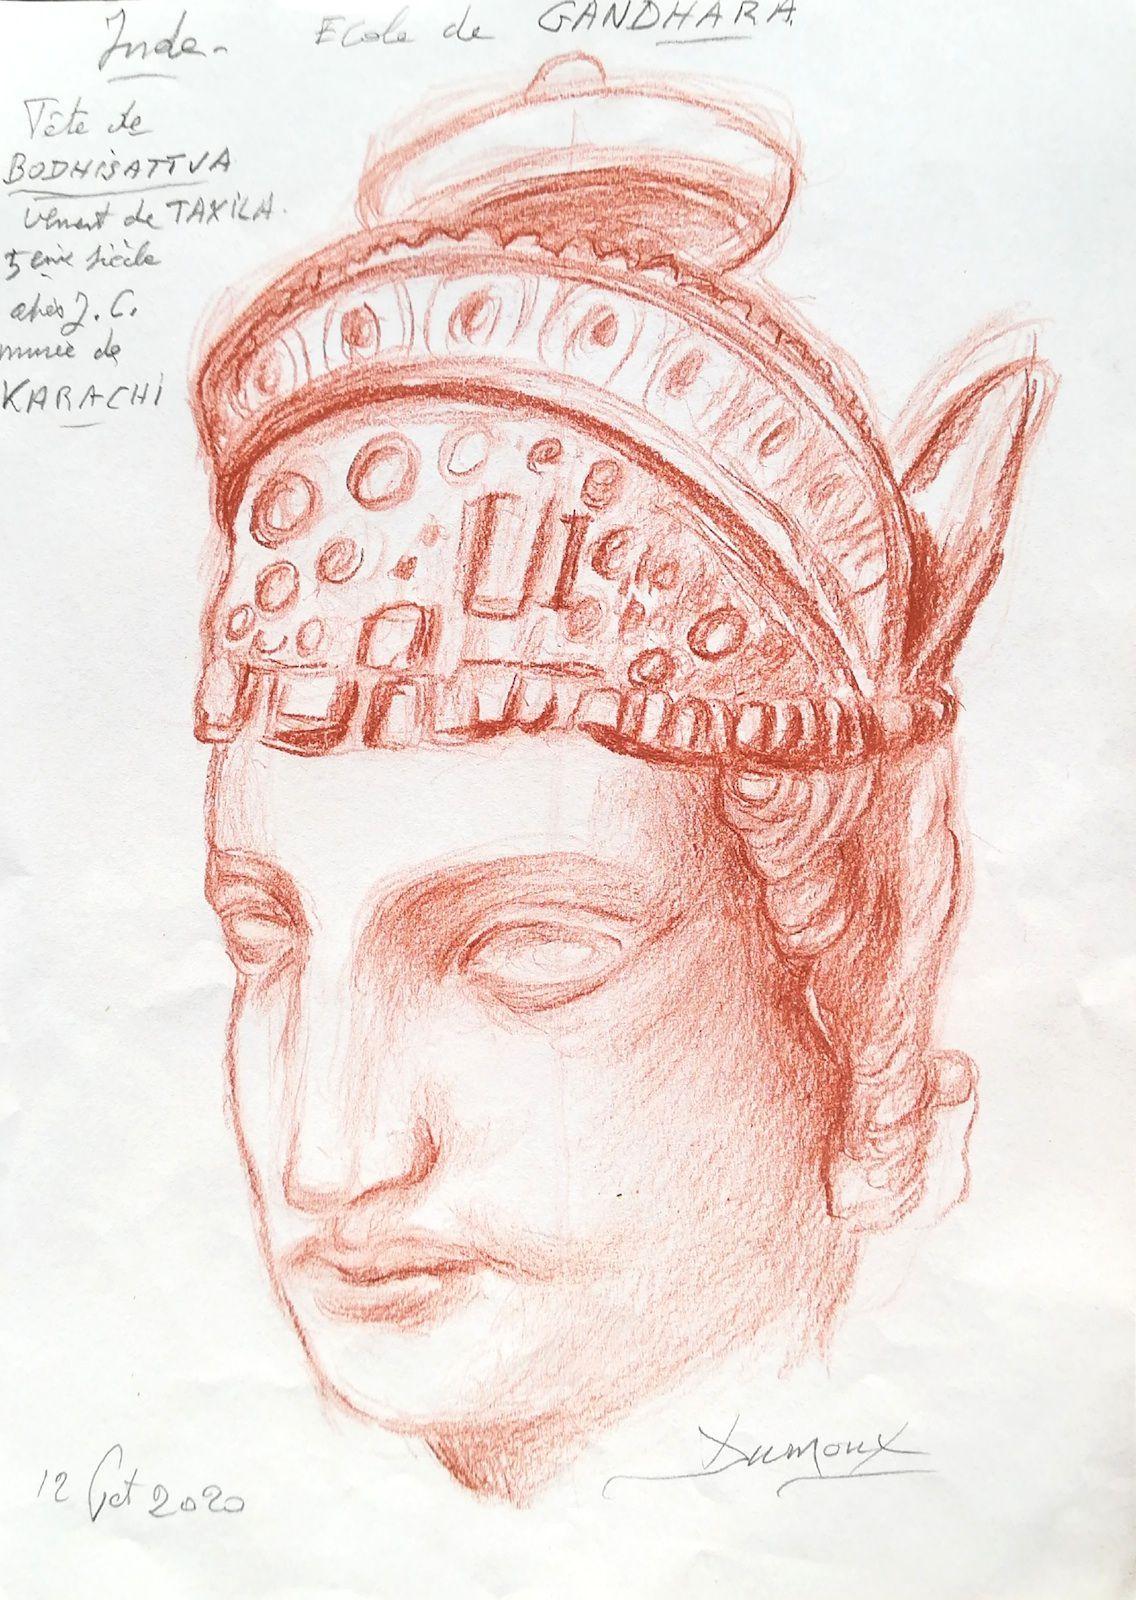 Étude « Inde, École de Gandhara, Tête de Bodhisattva » Sanguine sur papier- R. Dumoux